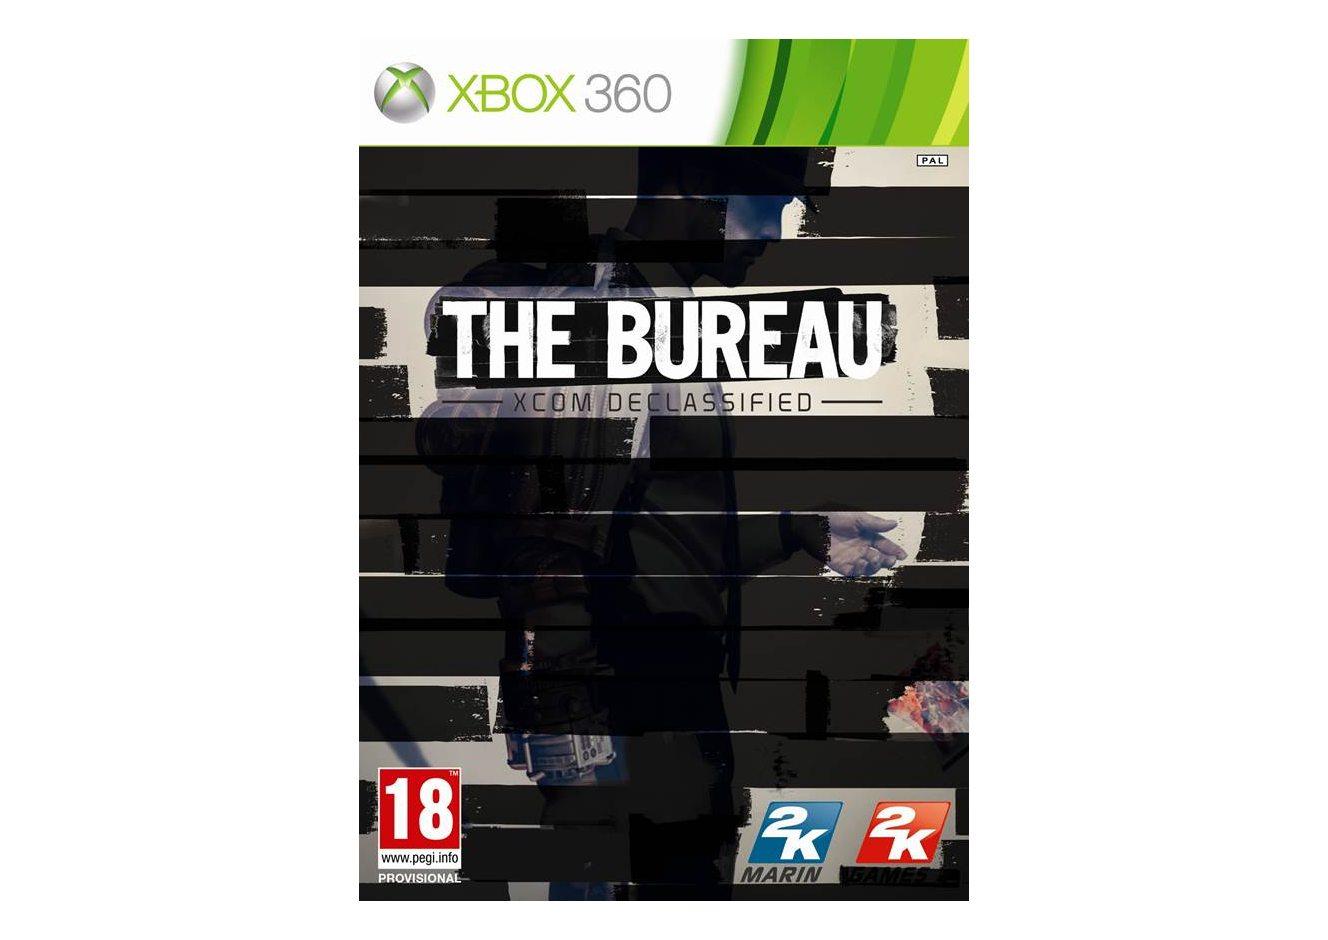 Xbox 360 Bureau: XCOM Declassified Xbox 360